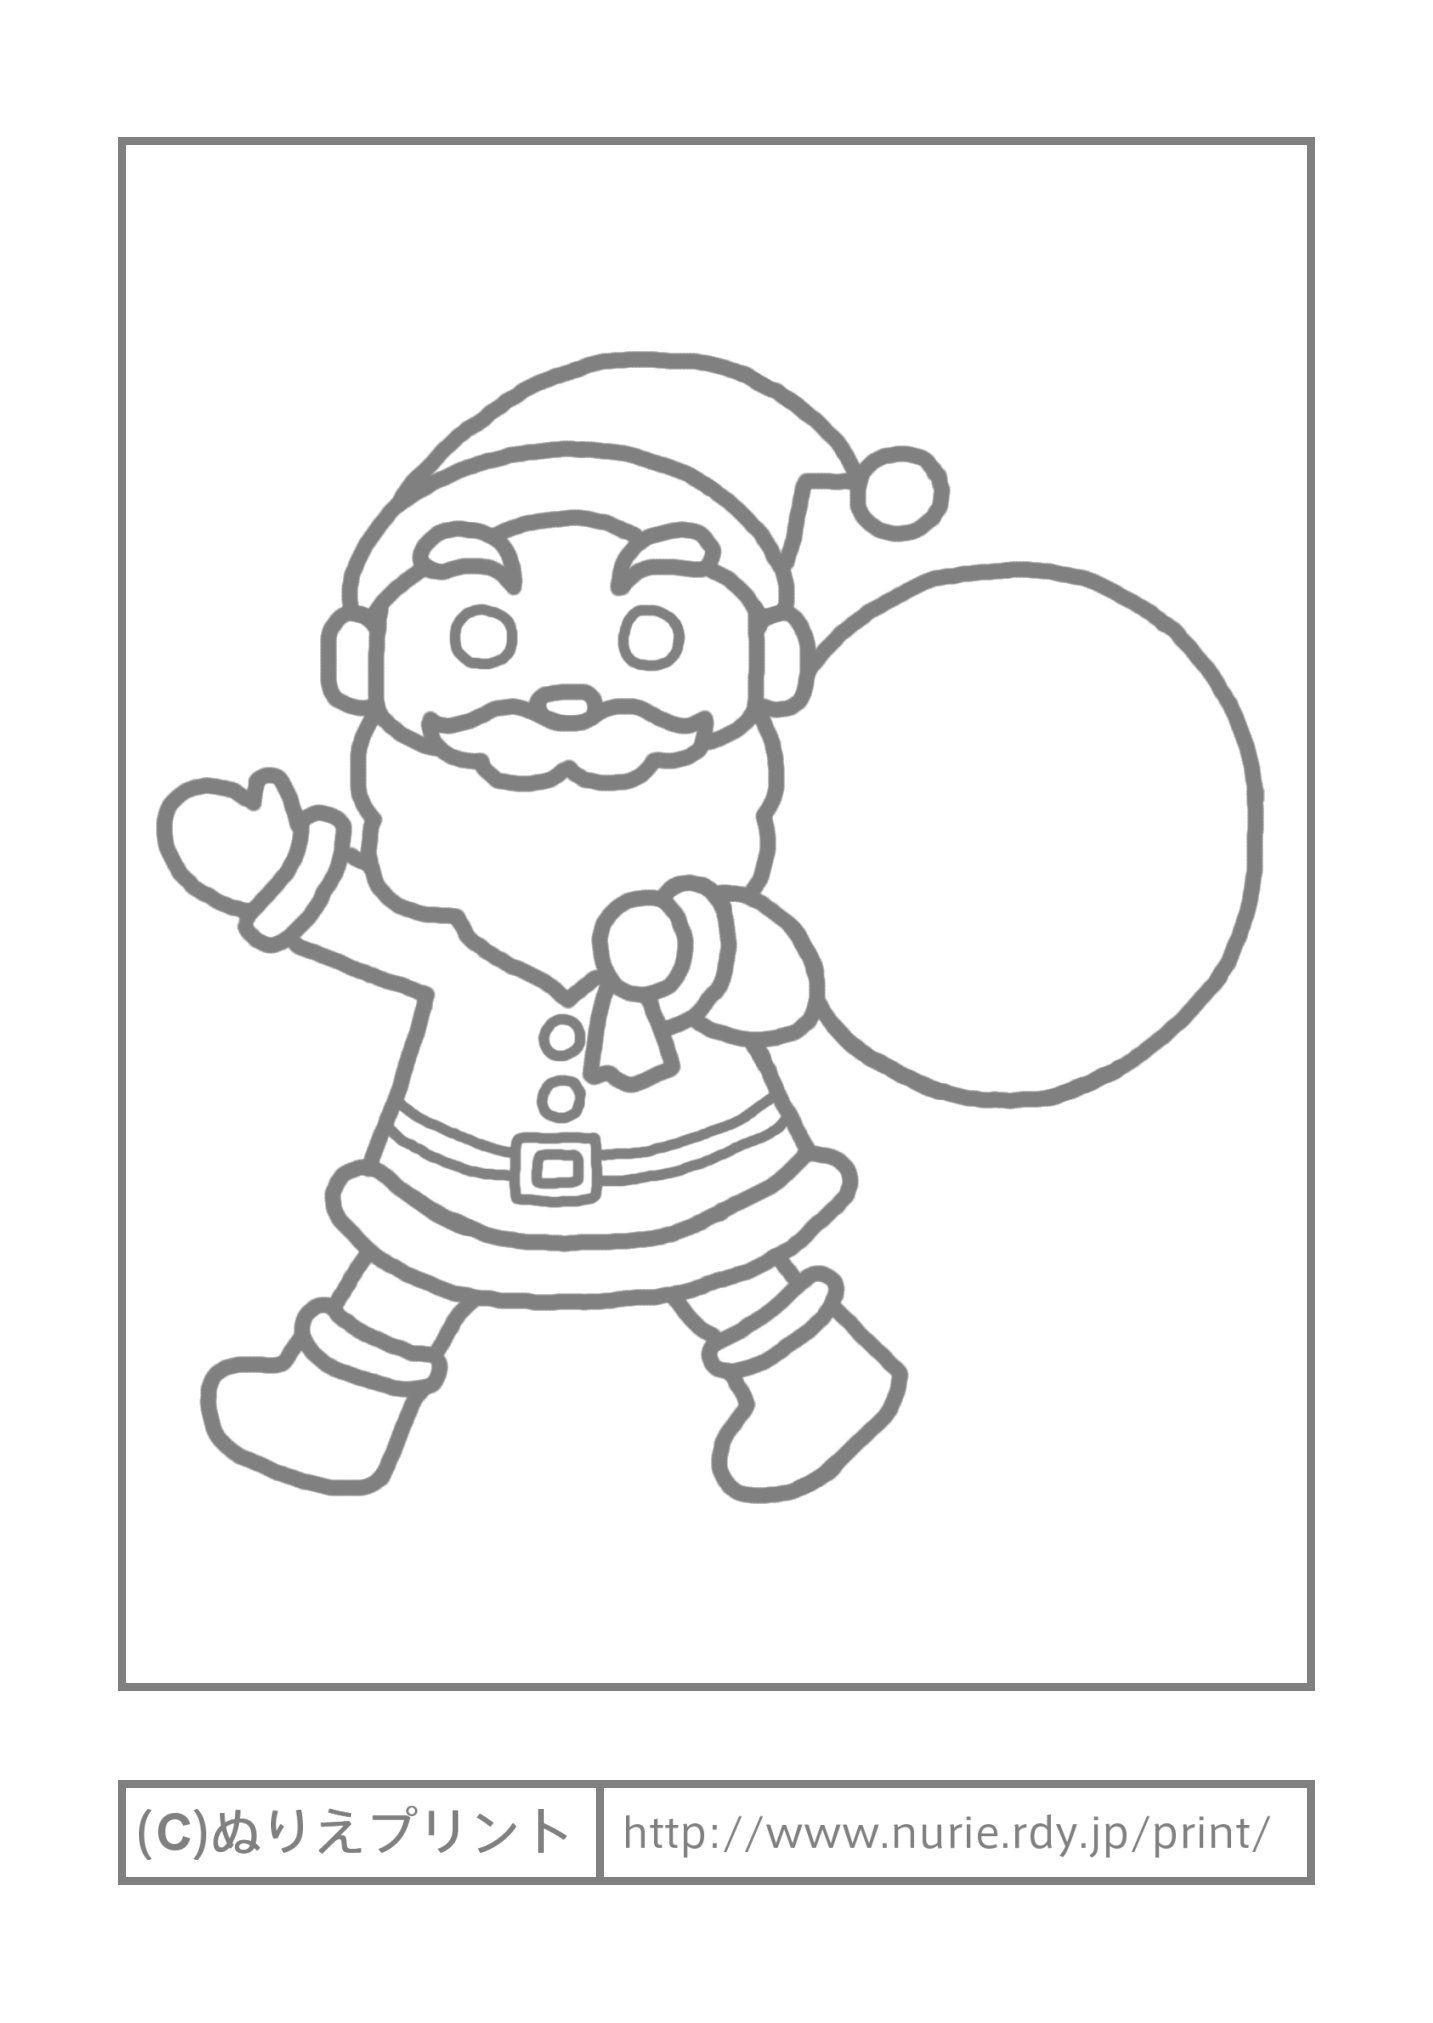 サンタクロース 主線 グレー クリスマス 冬の季節 行事 こどものぬりえ ぬりえプリント クリスマス 塗り絵 サンタクロース 季節